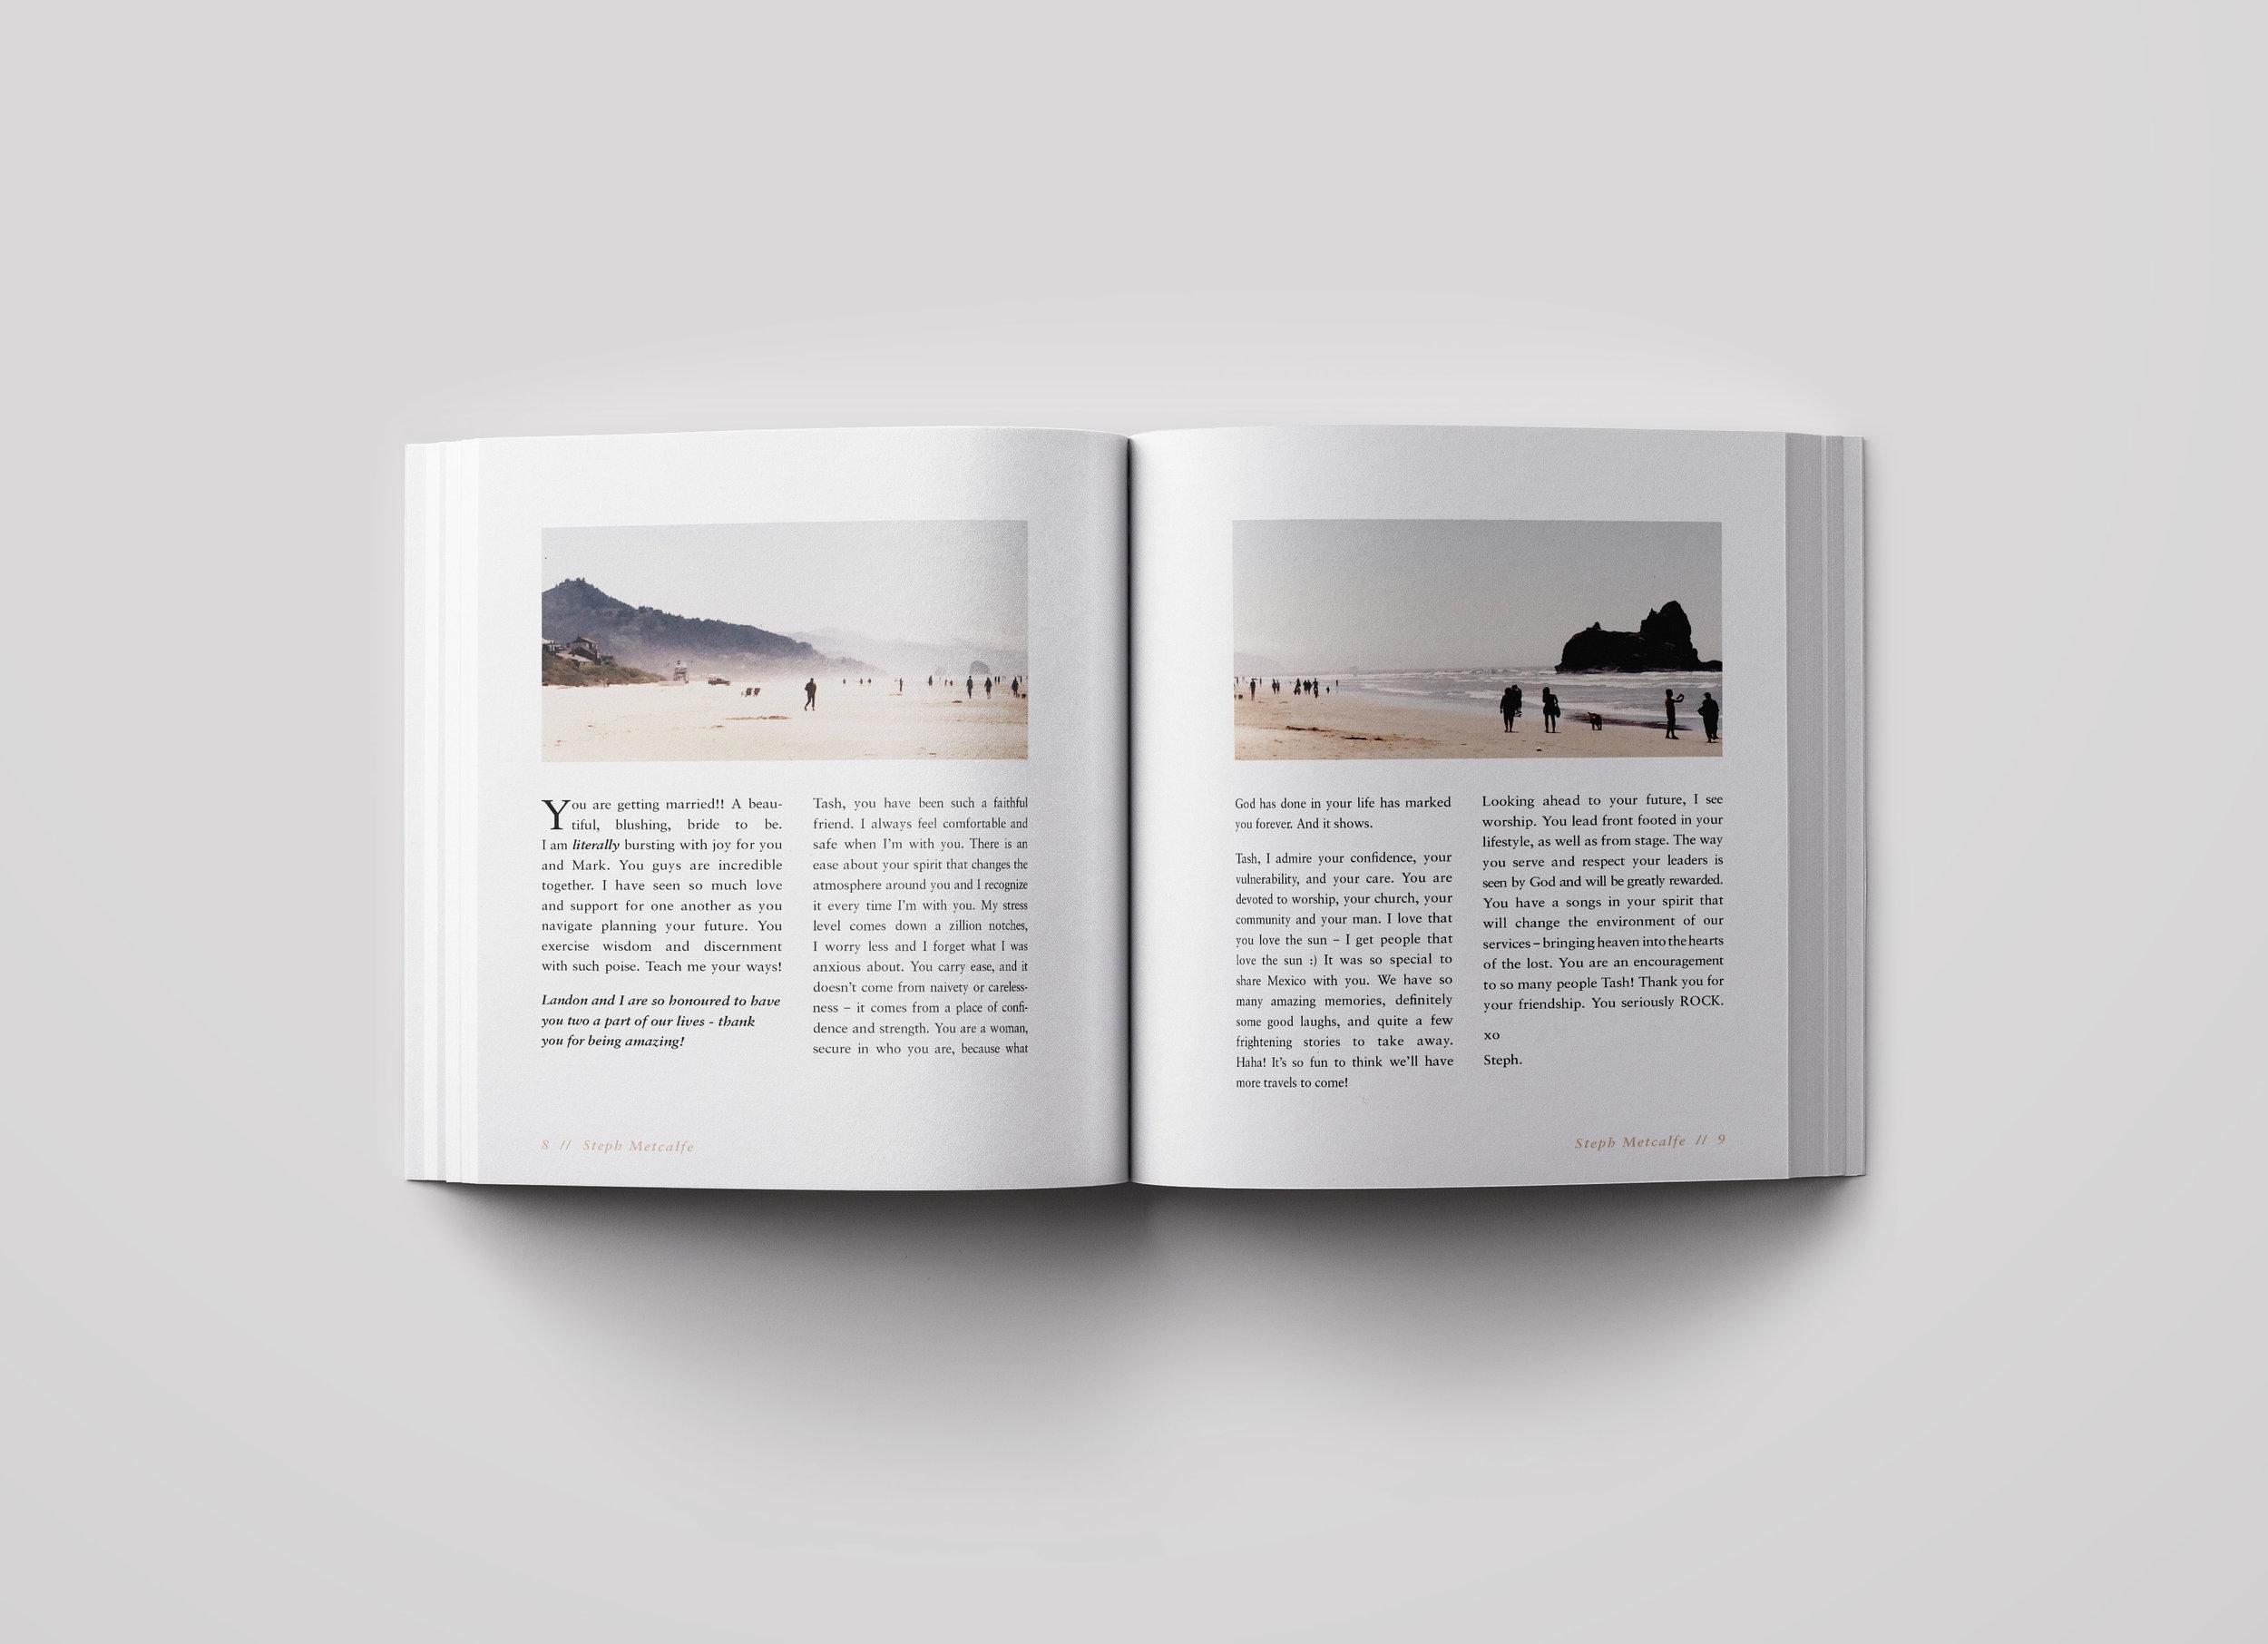 Natasha-Book-Page1.jpg